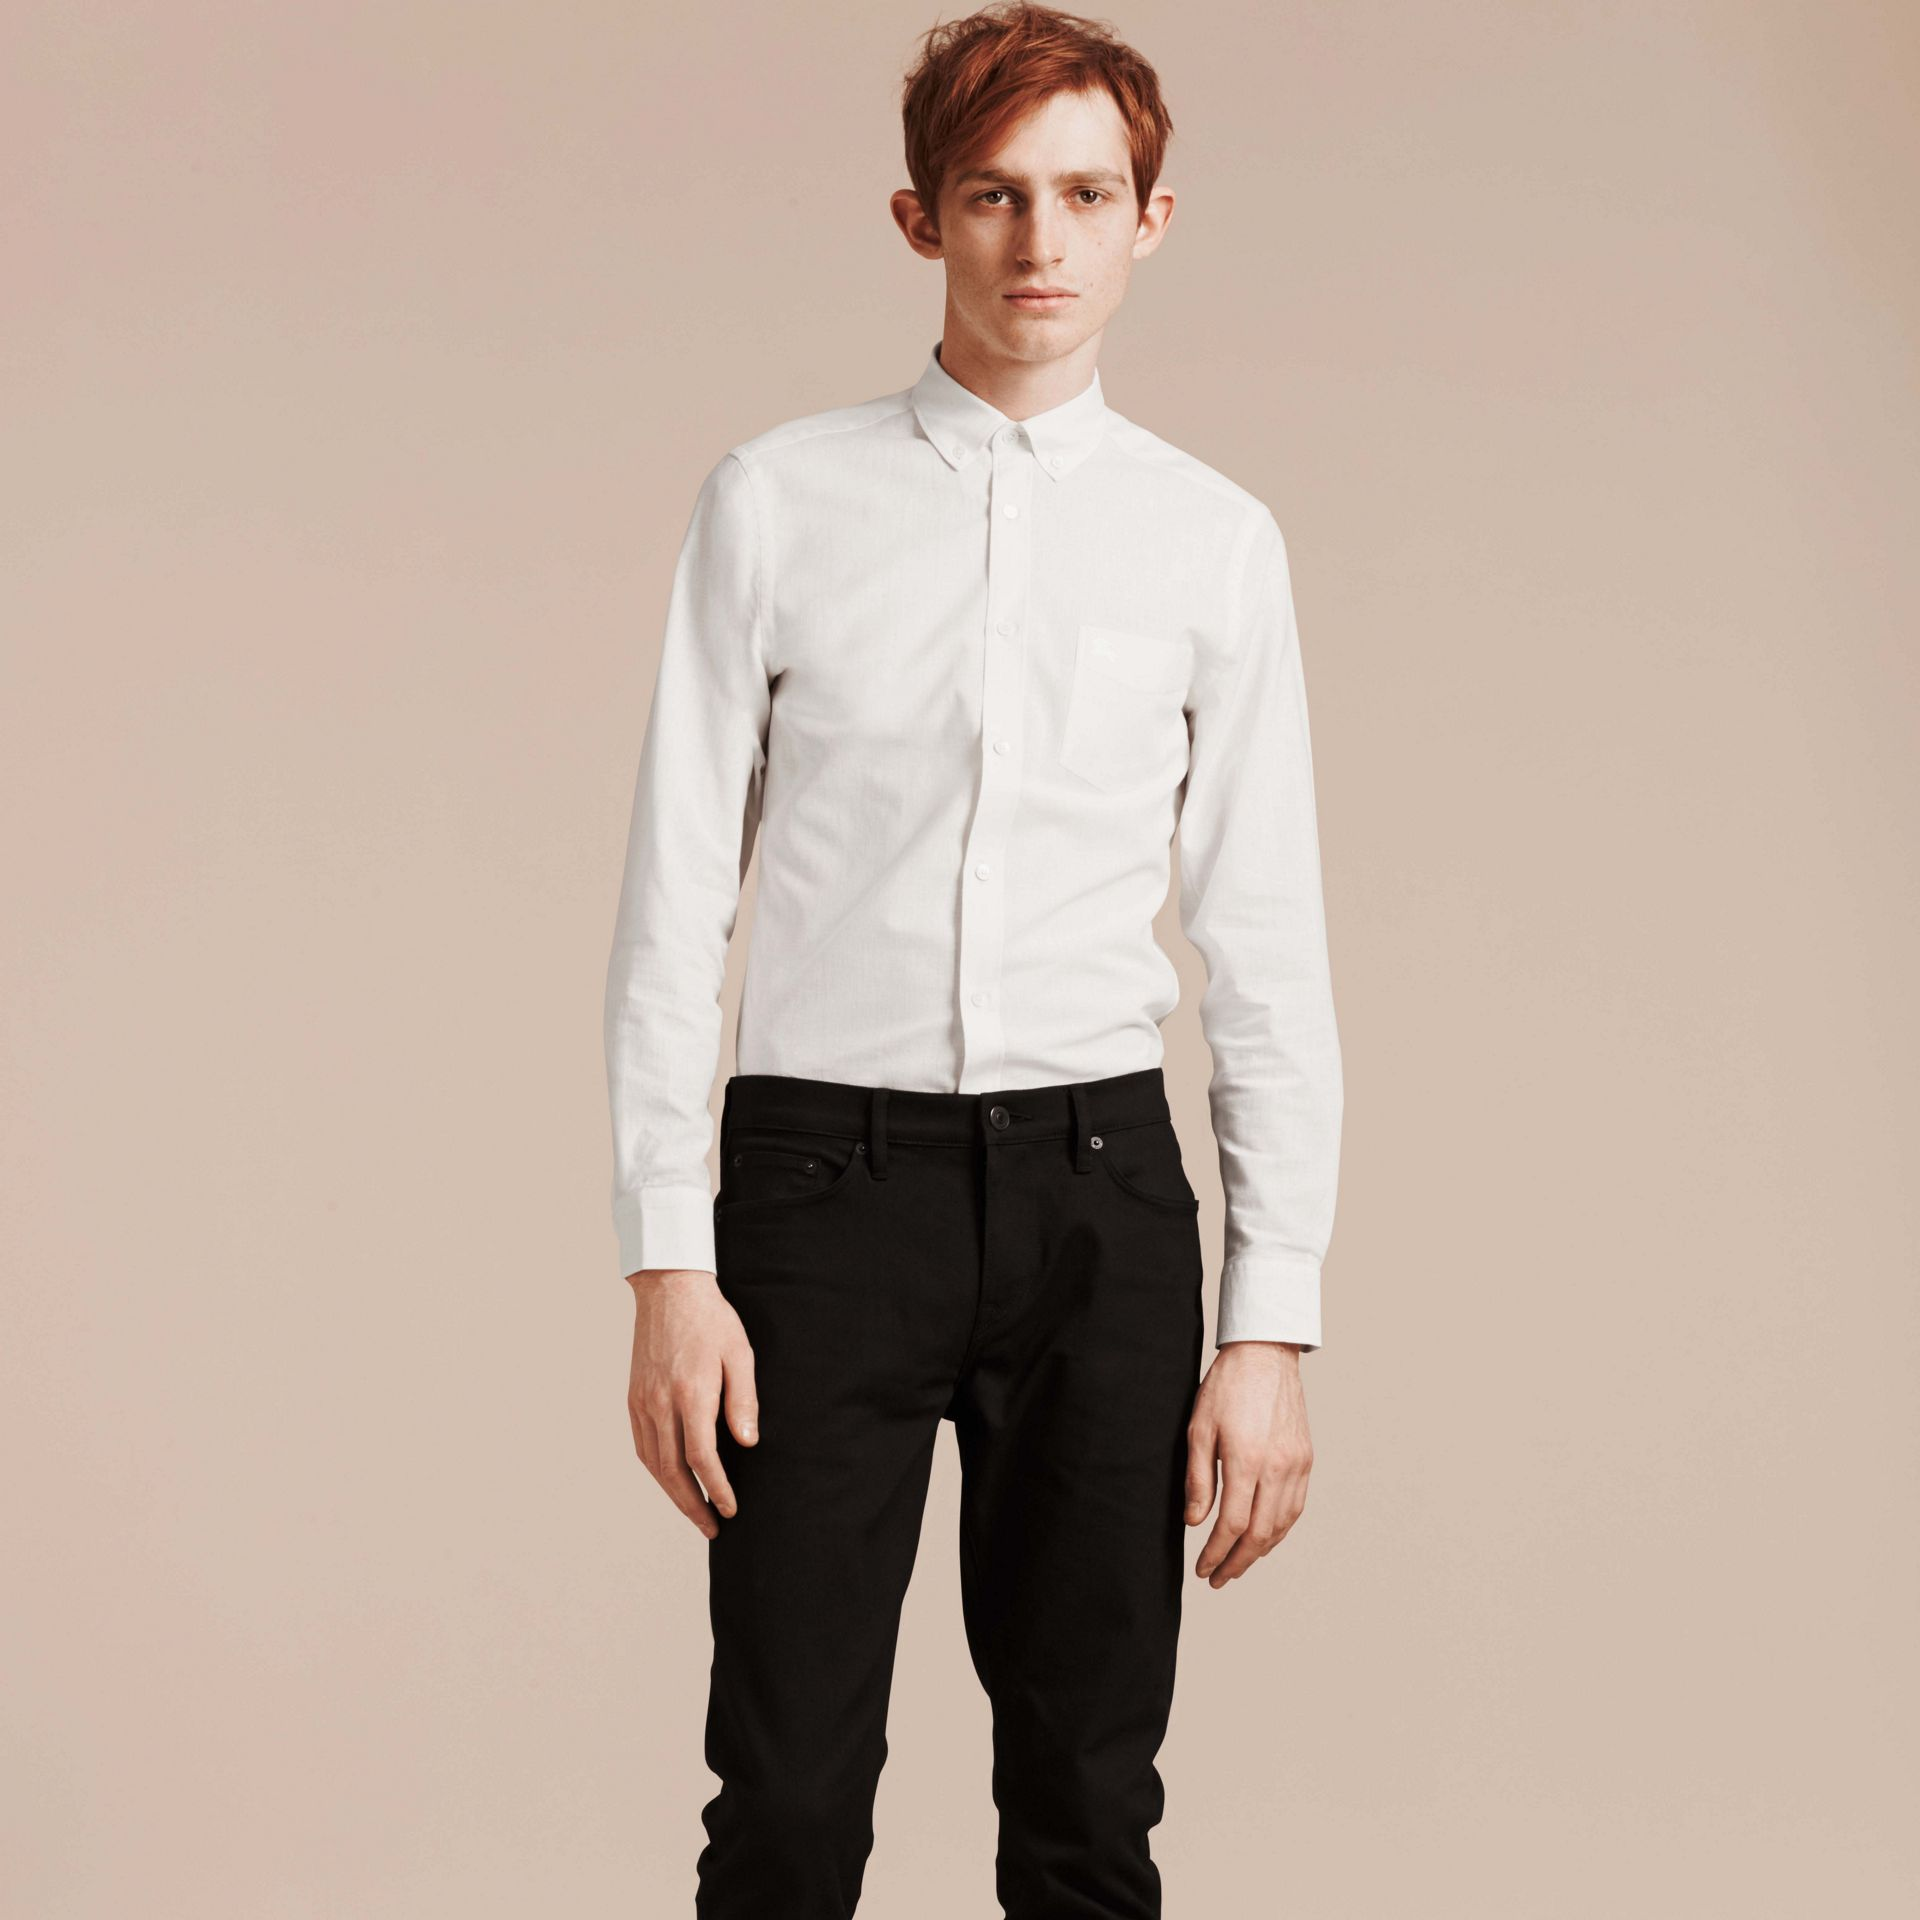 Weiss Hemd aus Baumwolle und Leinen mit Button-down-Kragen Weiss - Galerie-Bild 5